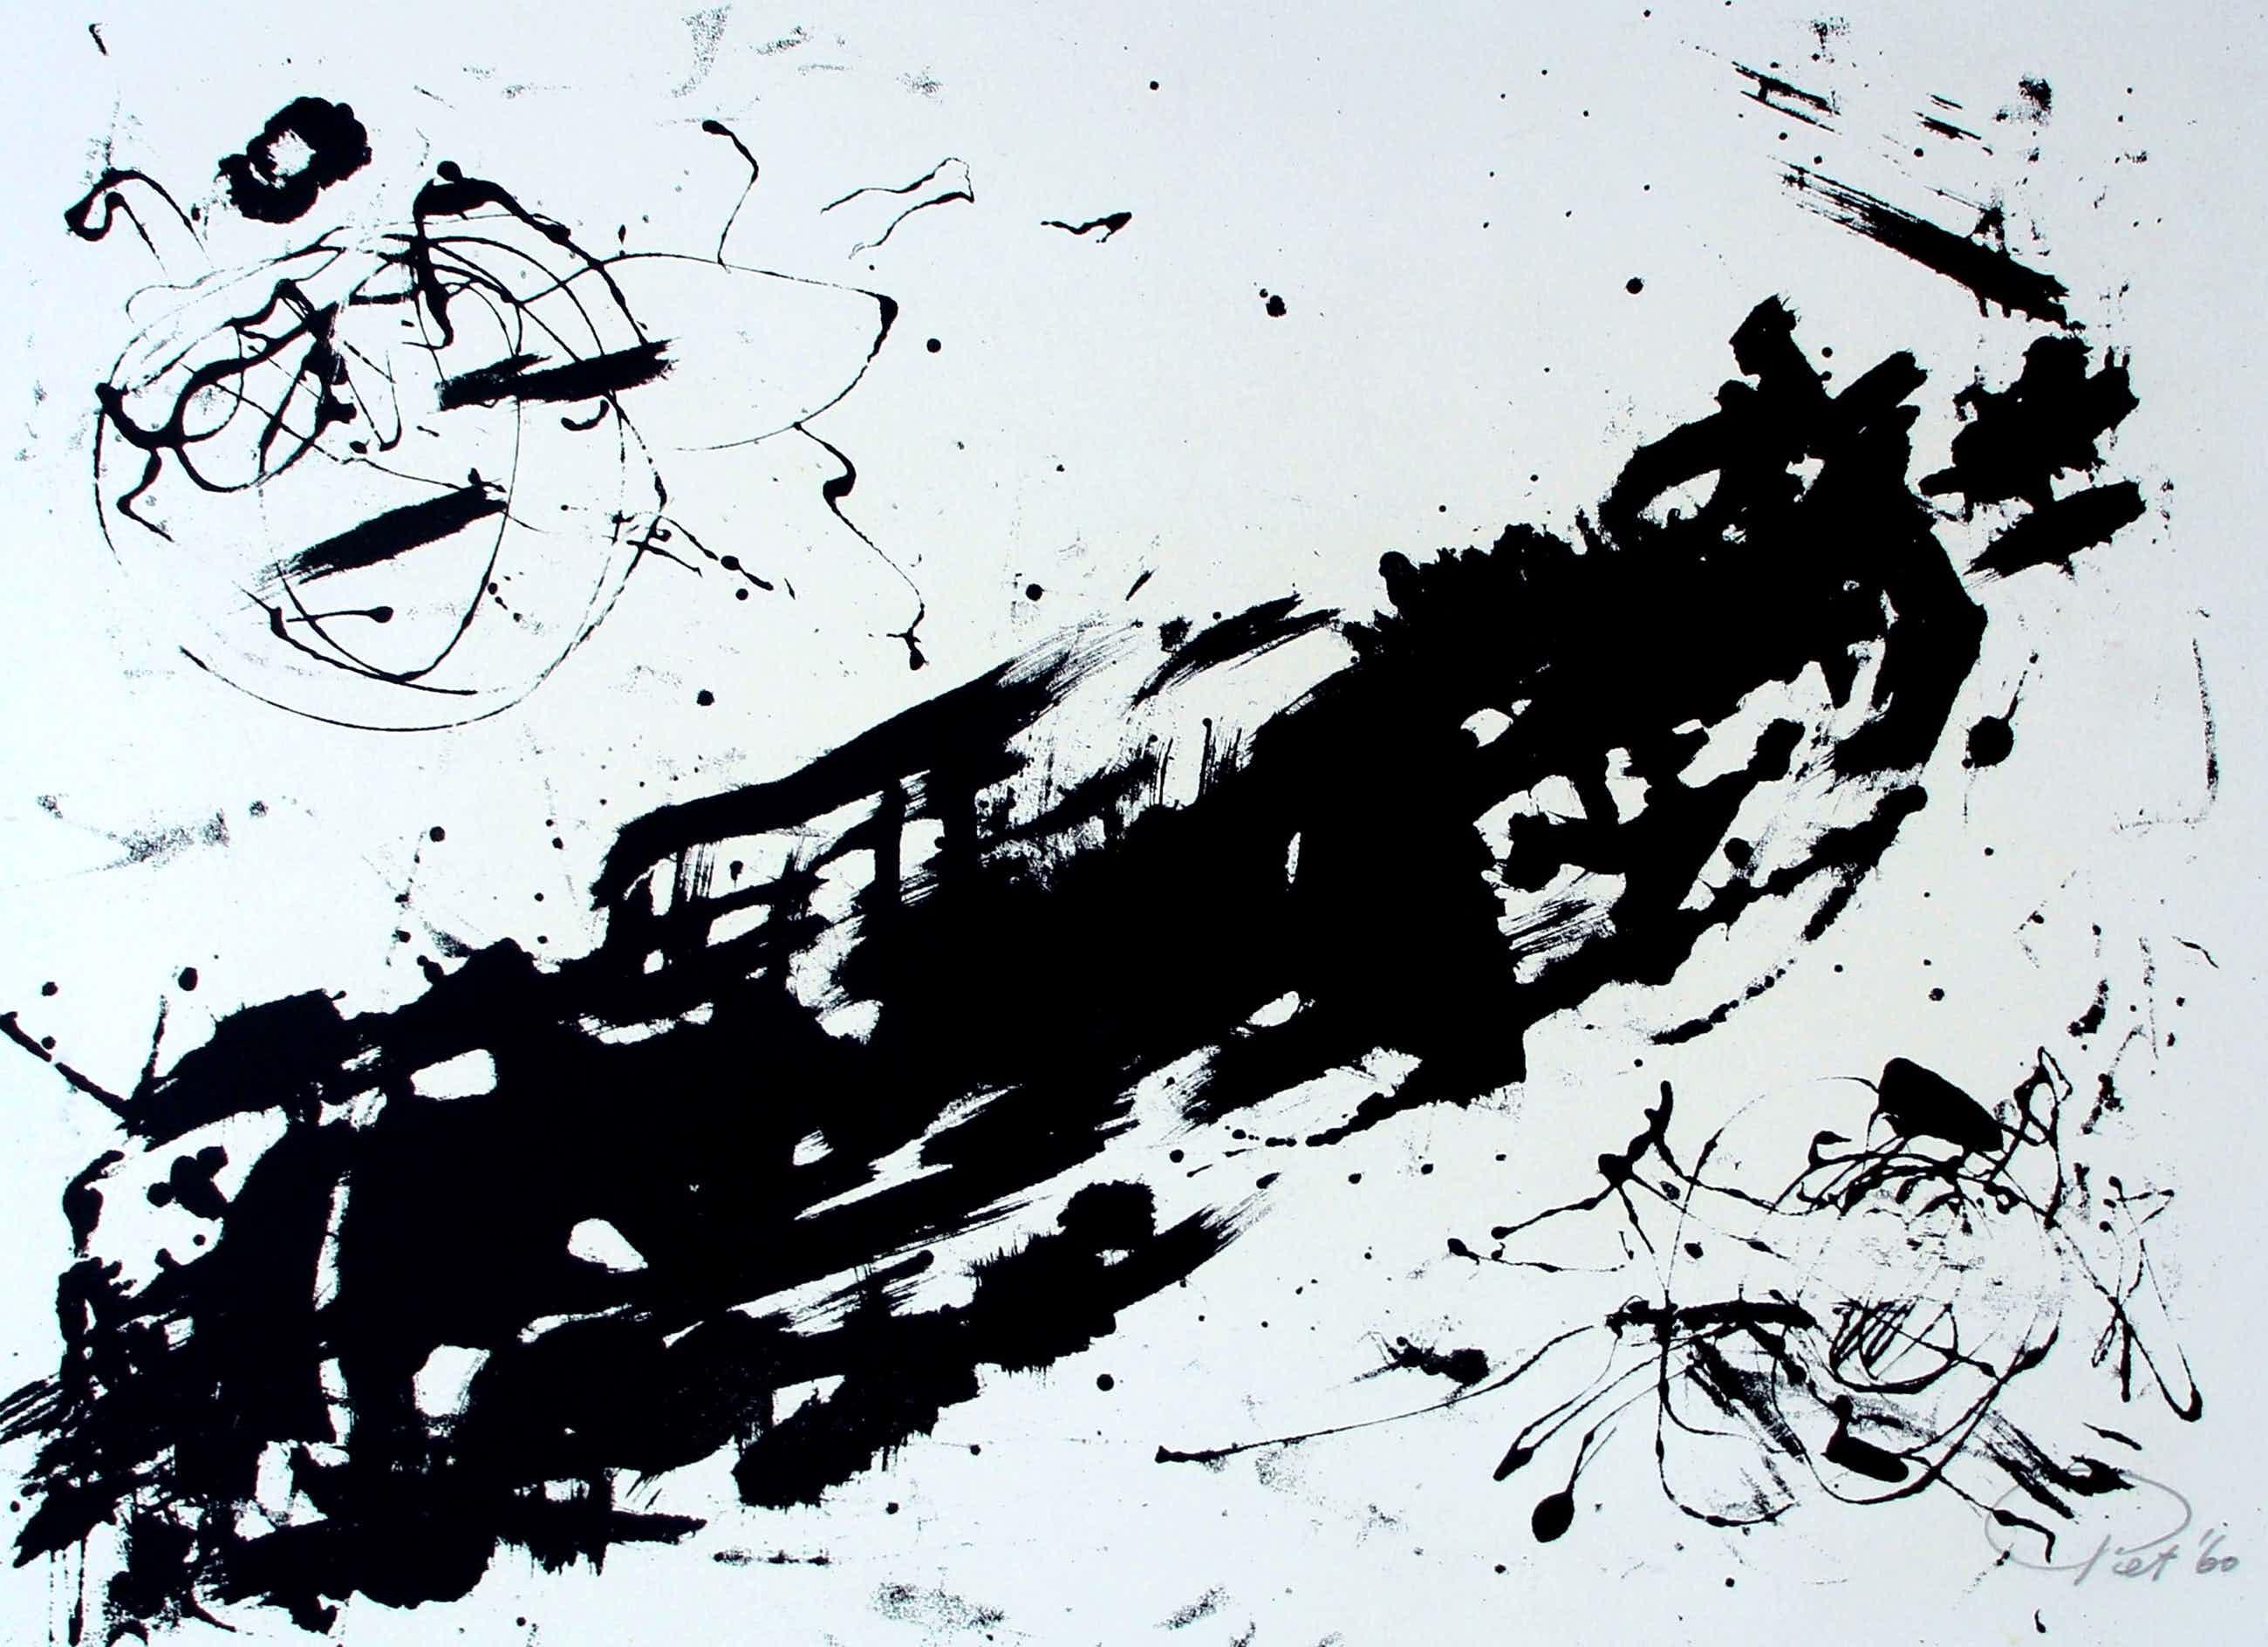 Piet van Stuivenberg - Litho: Abstracte compositie - 1960 kopen? Bied vanaf 39!